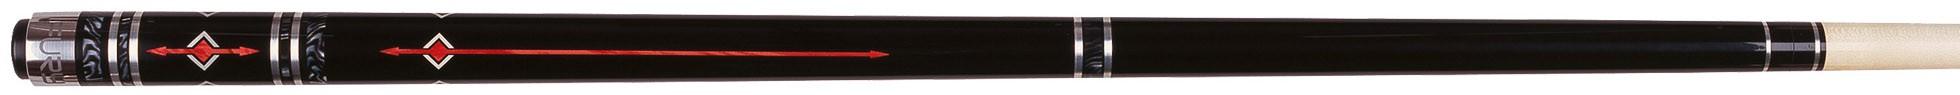 Fury FSS-5 Poolkeu Rood inclusief jointprotectors en keuhoes